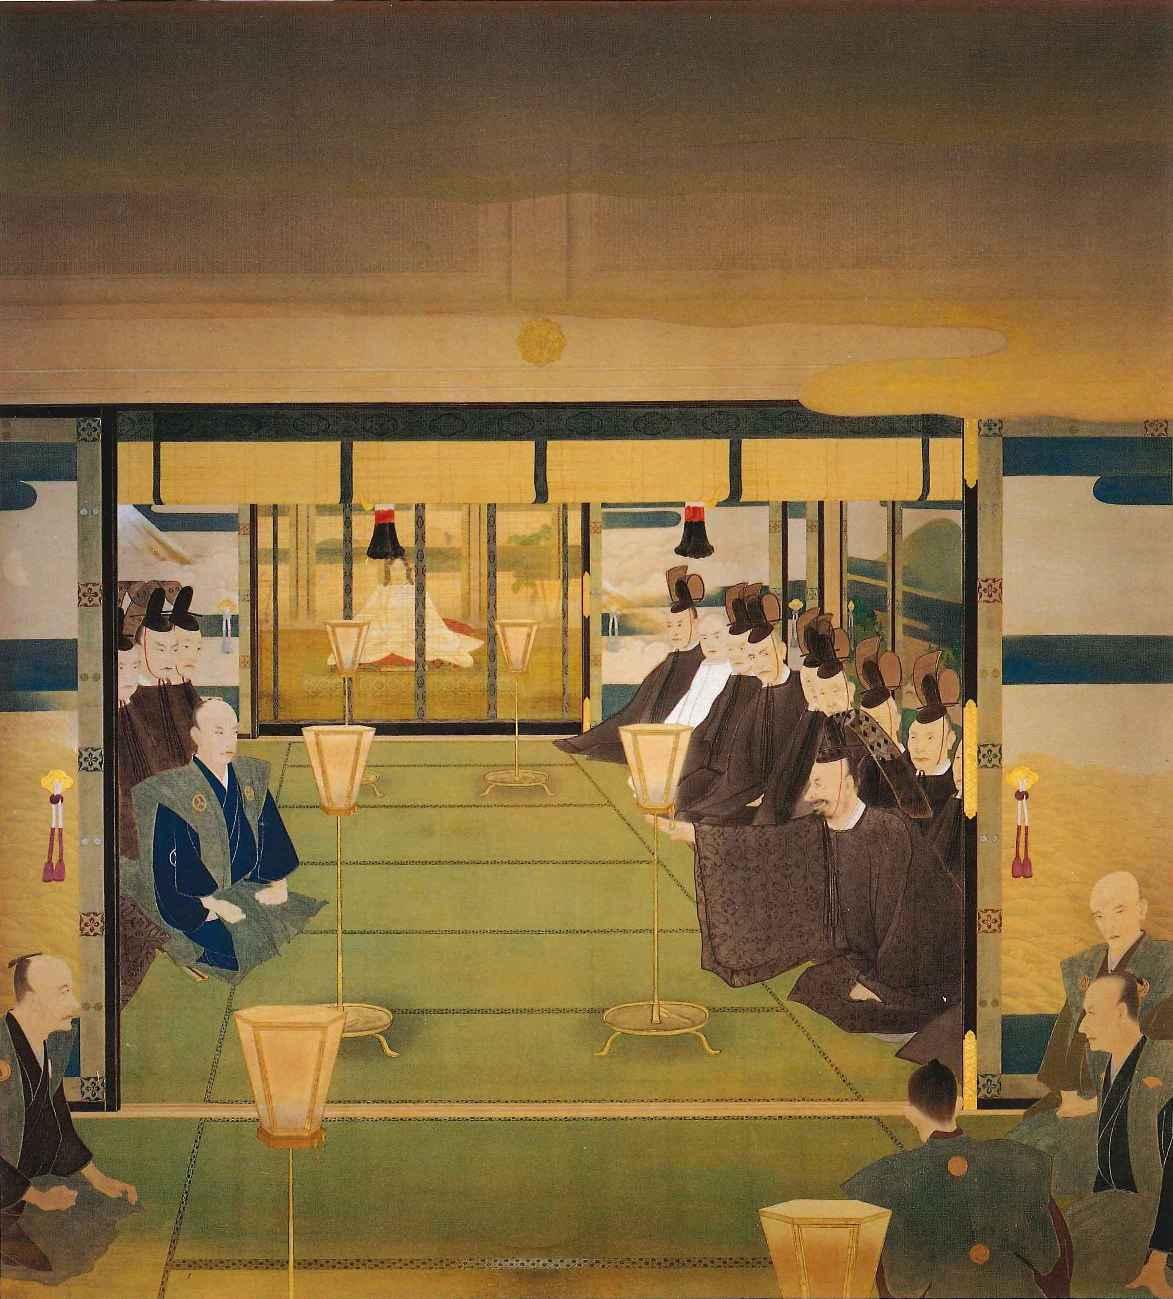 聖徳記念絵画館壁画「王政復古」(島田墨仙画)